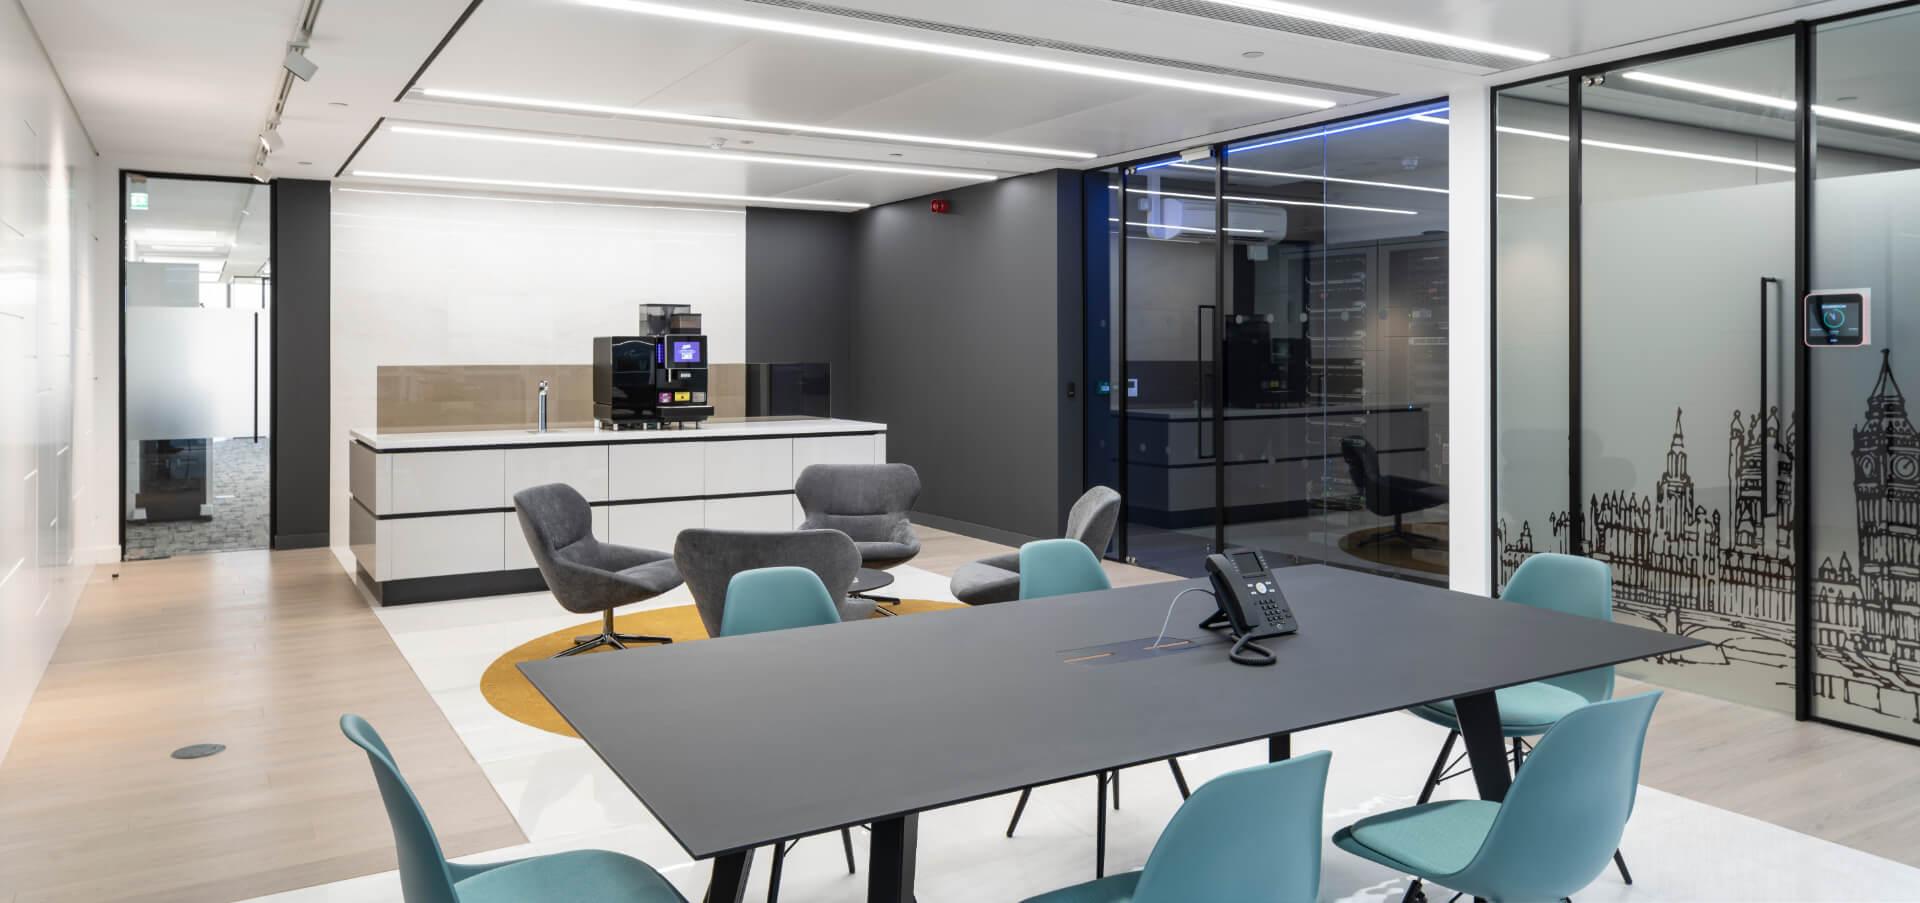 Dataquest Office Kitchen